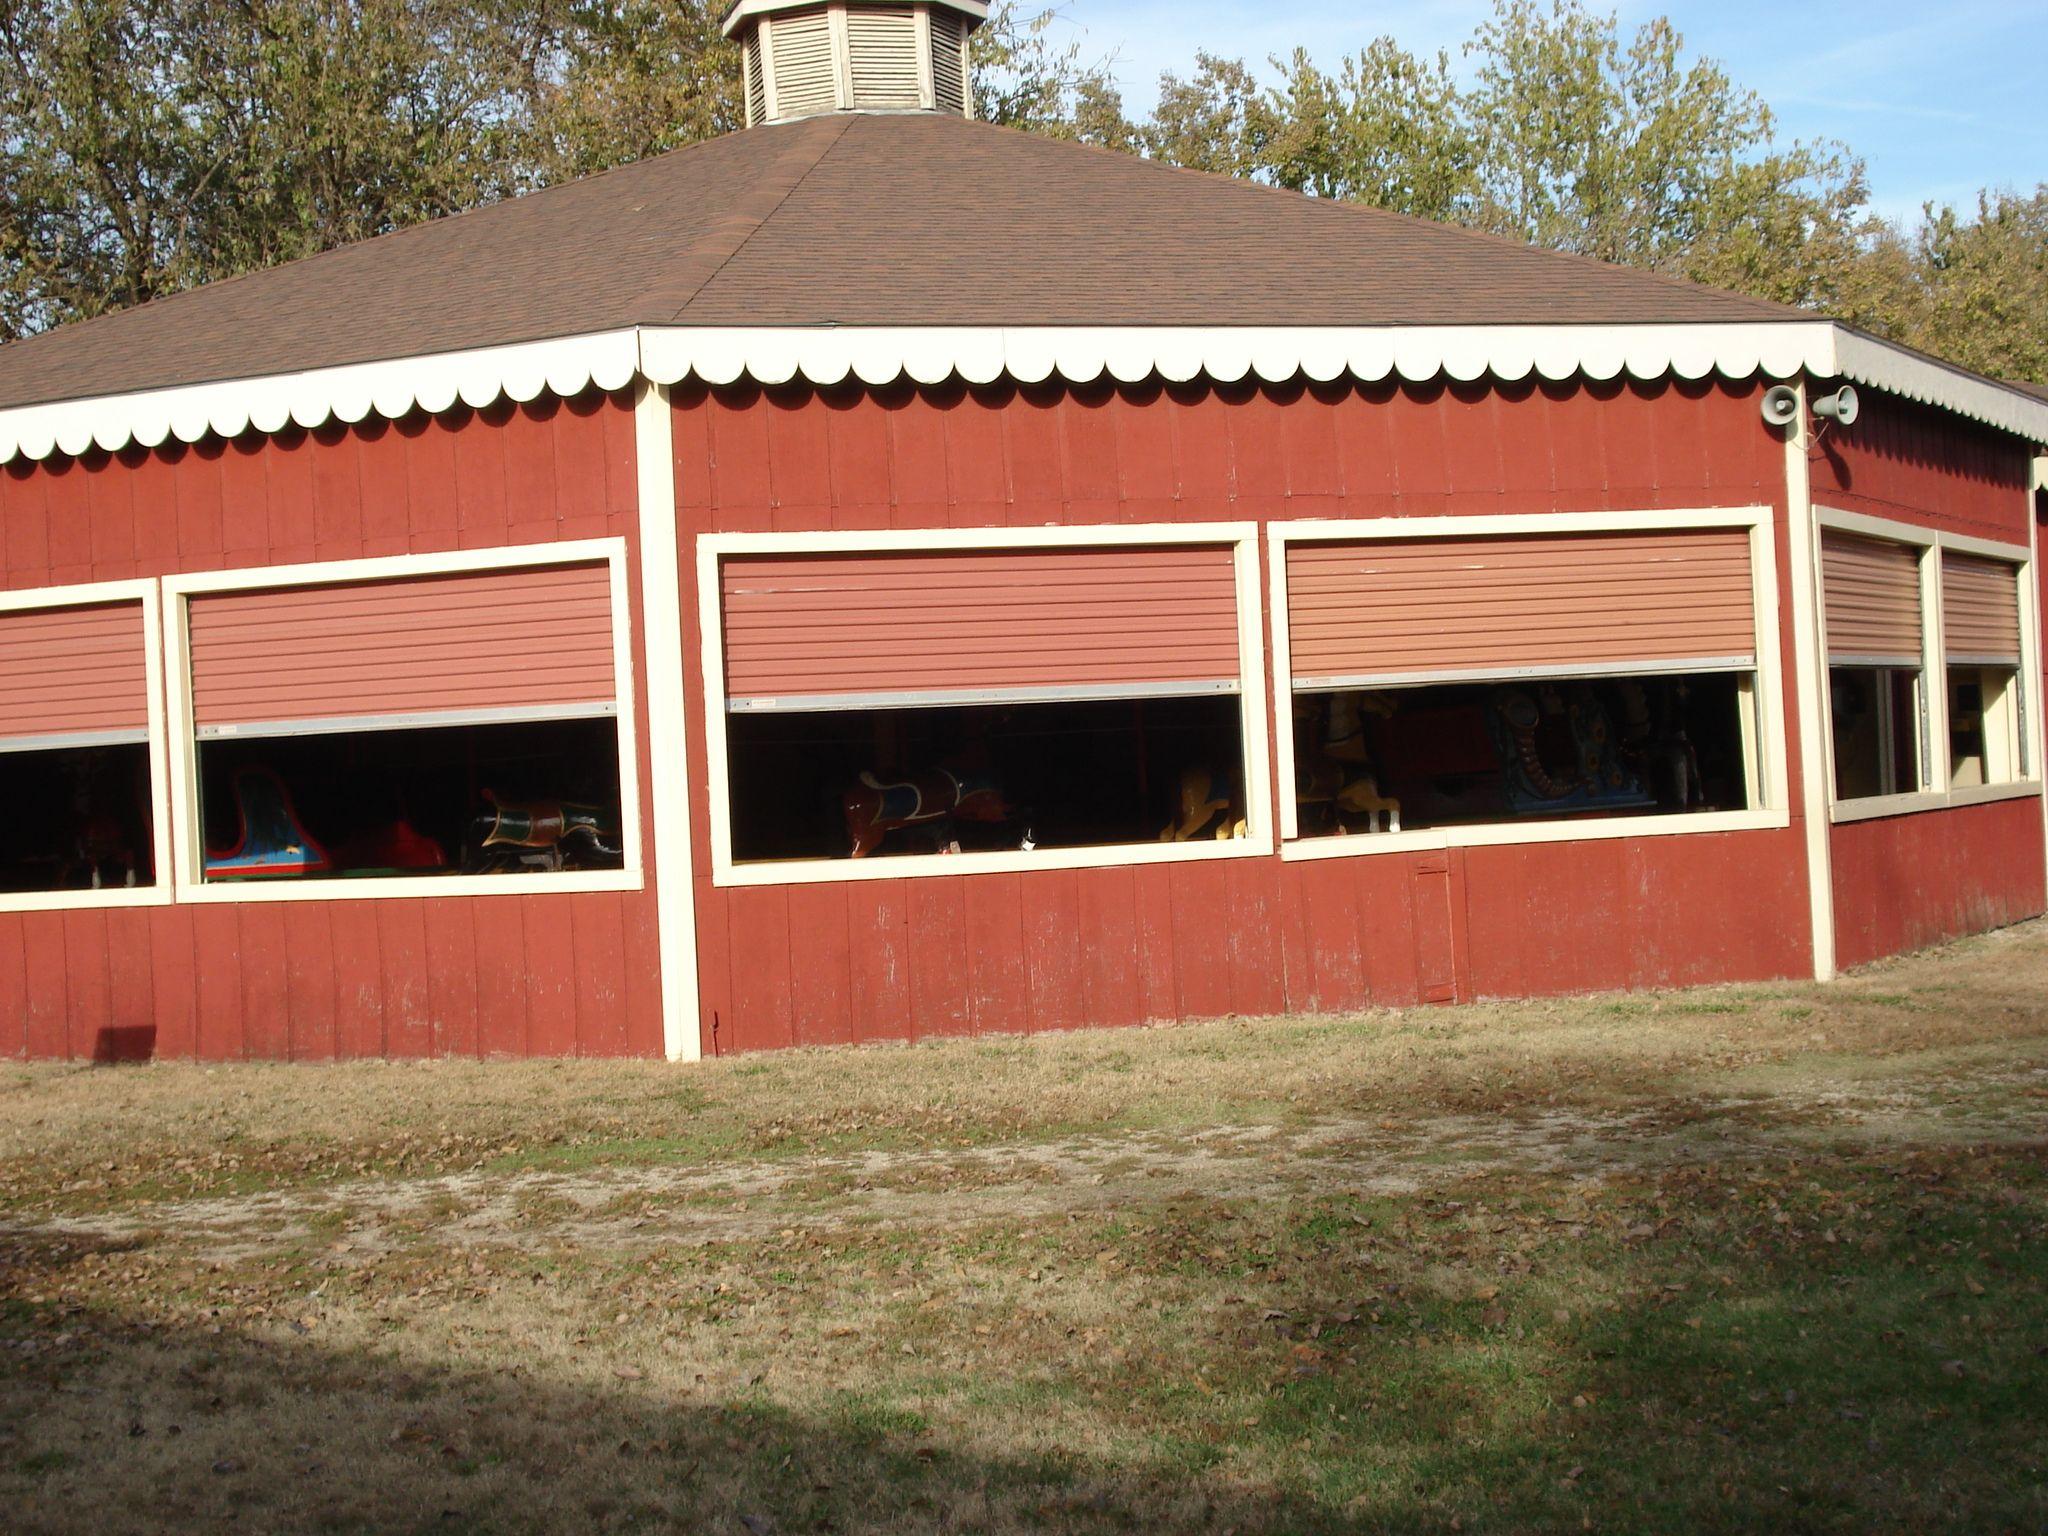 Kansas dickinson county abilene - Cw Parker Steam Driven Carousel At Old Town Abilene Ks